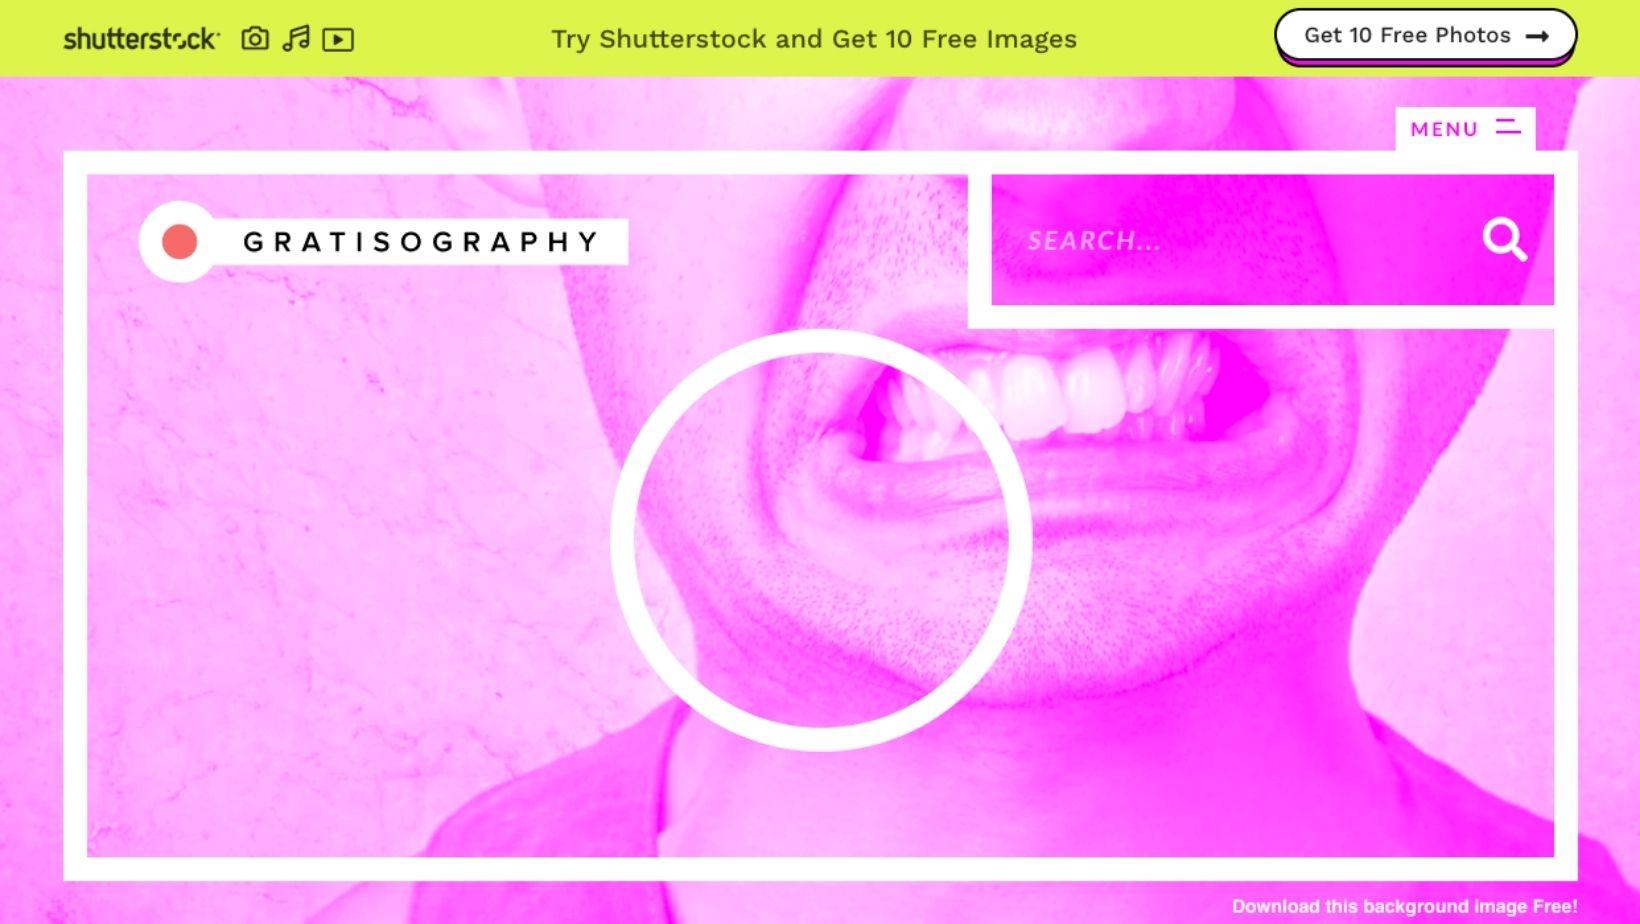 Ou trouver des images libres de droits sur internet - gratisography